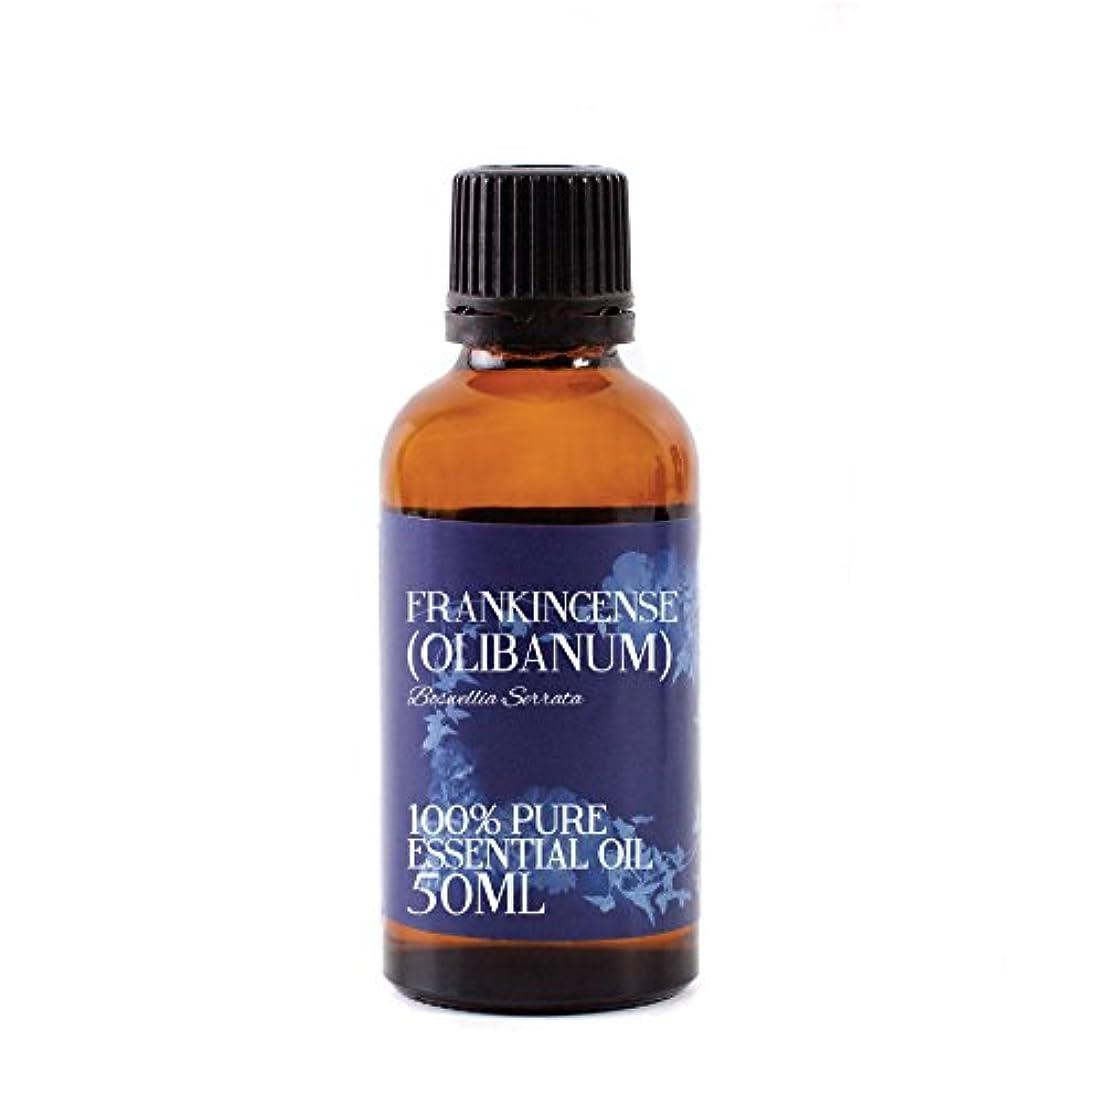 爆発がんばり続ける論理的にMystic Moments   Frankincense Olibanum Essential Oil - 50ml - 100% Pure